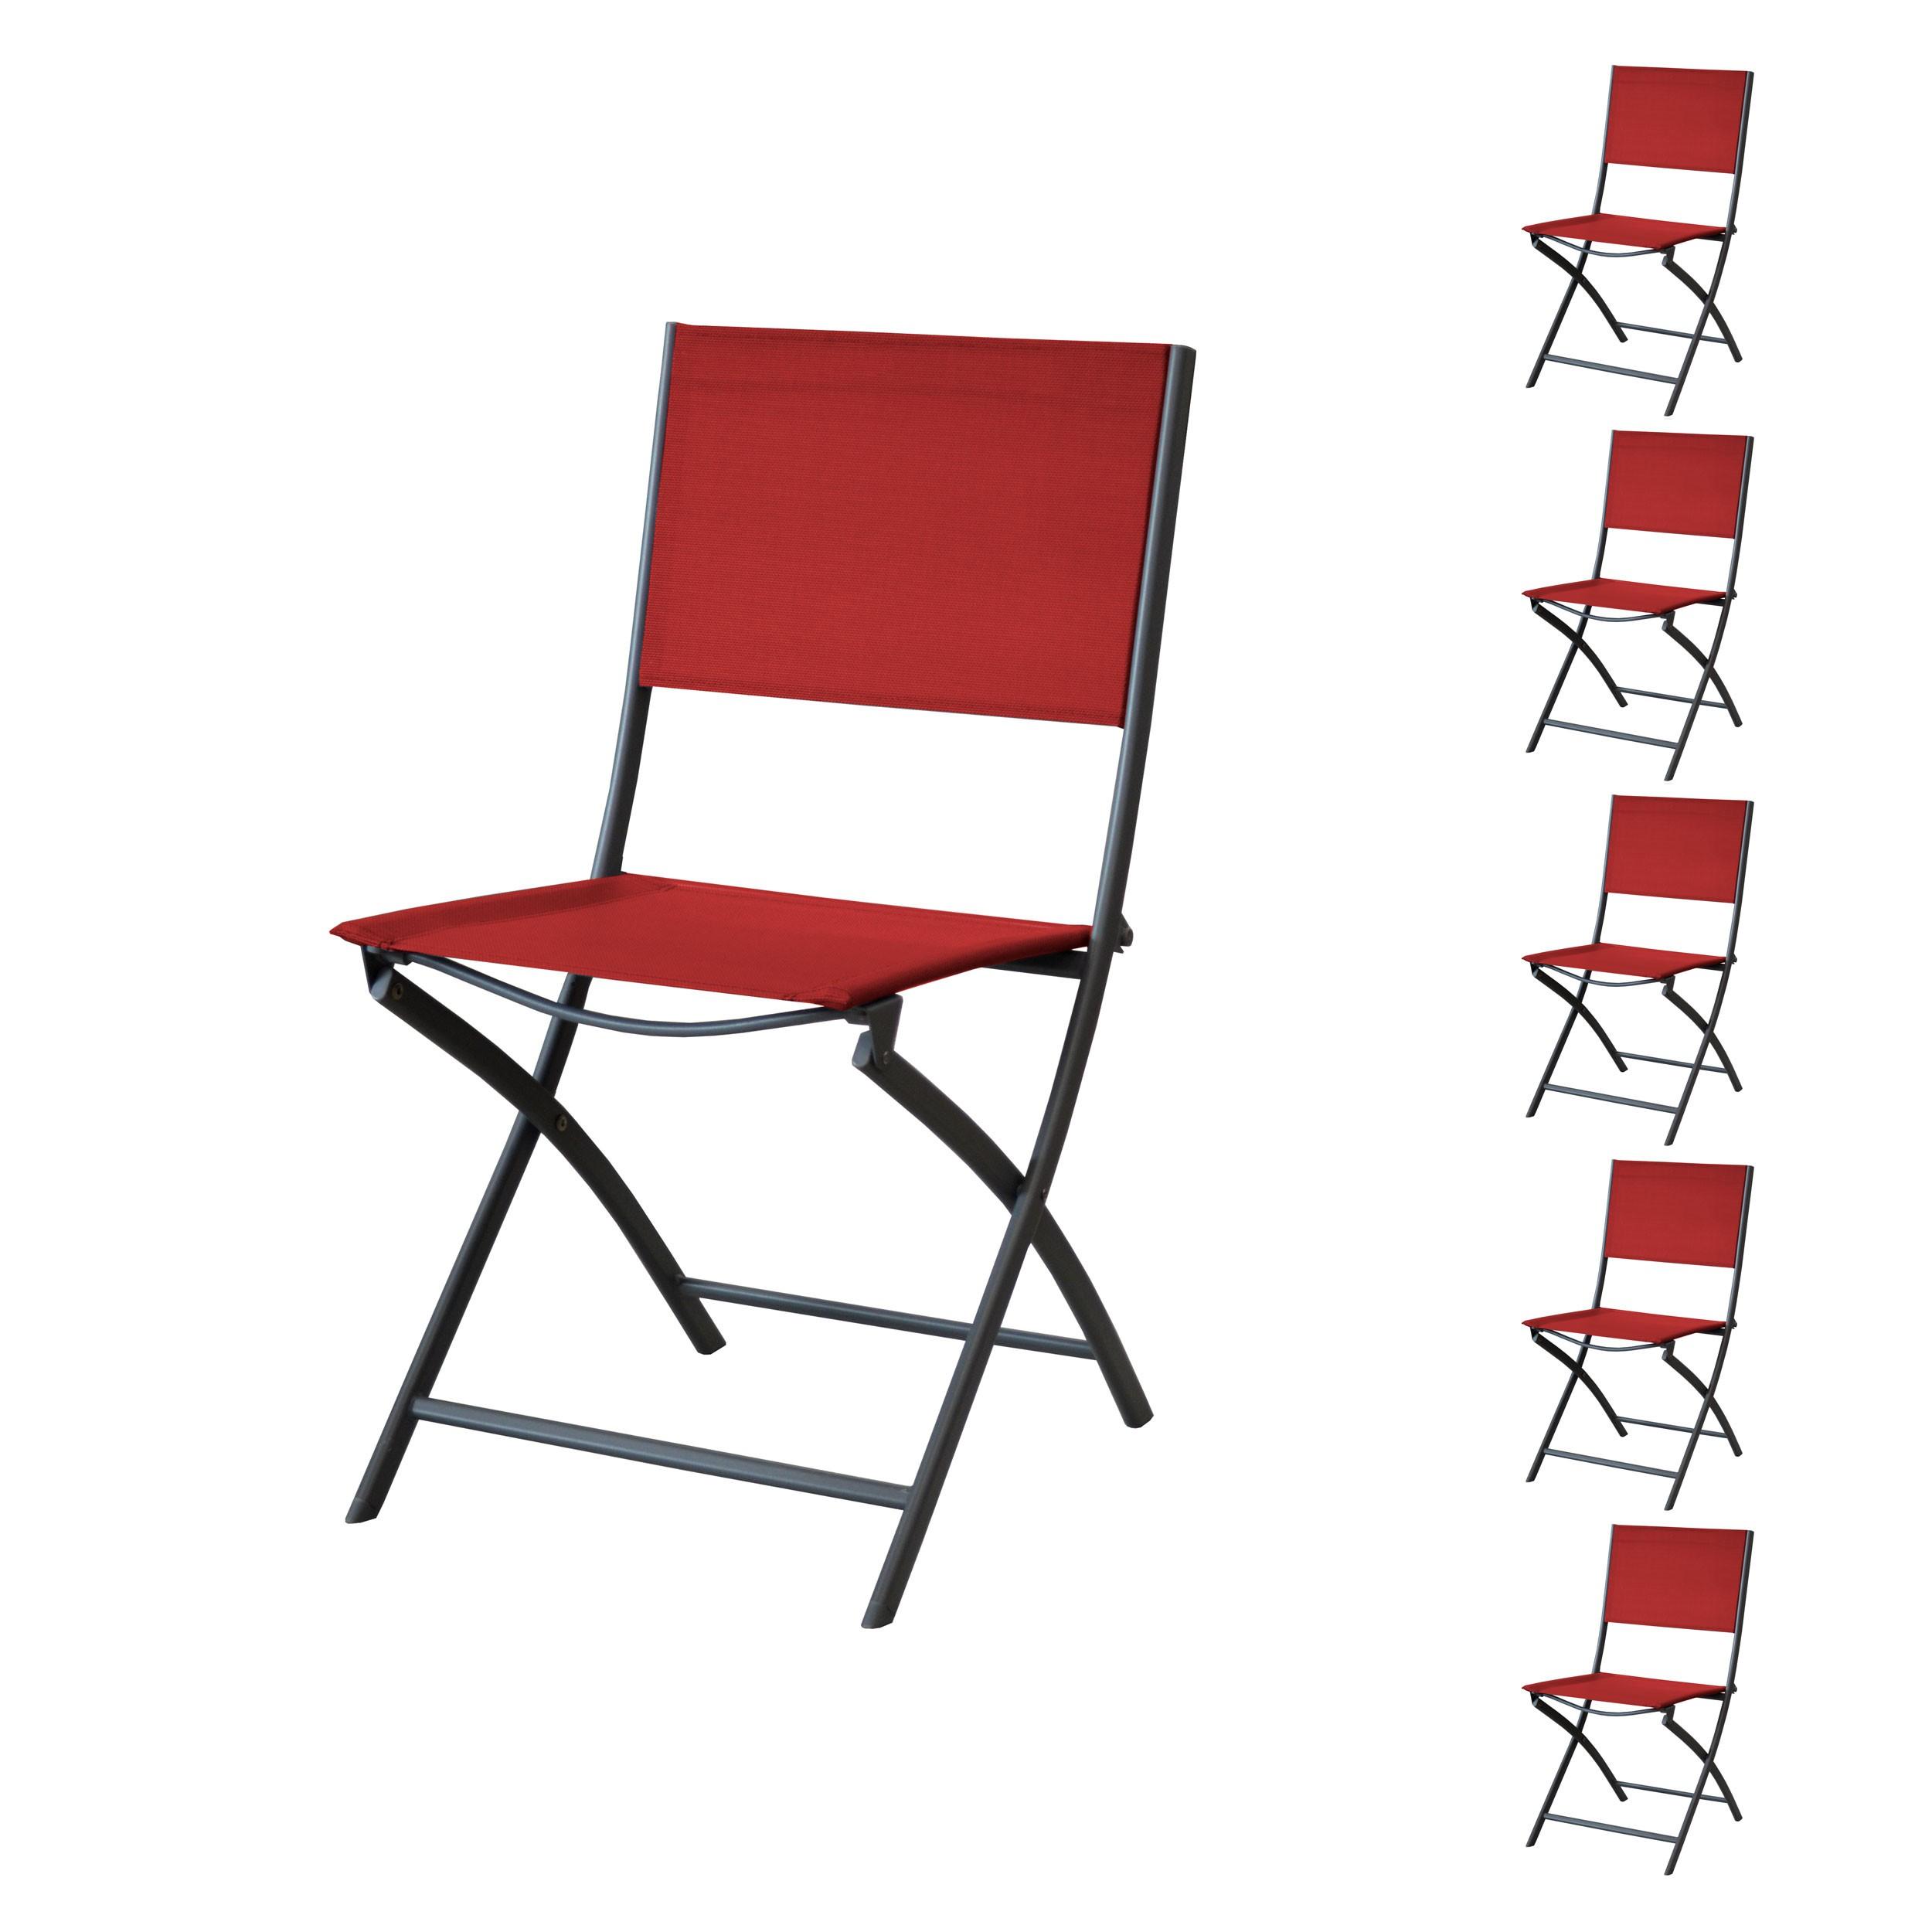 chaise de jardin santos pliable rouge lot de 6 d couvrez les chaises de jardin santos. Black Bedroom Furniture Sets. Home Design Ideas